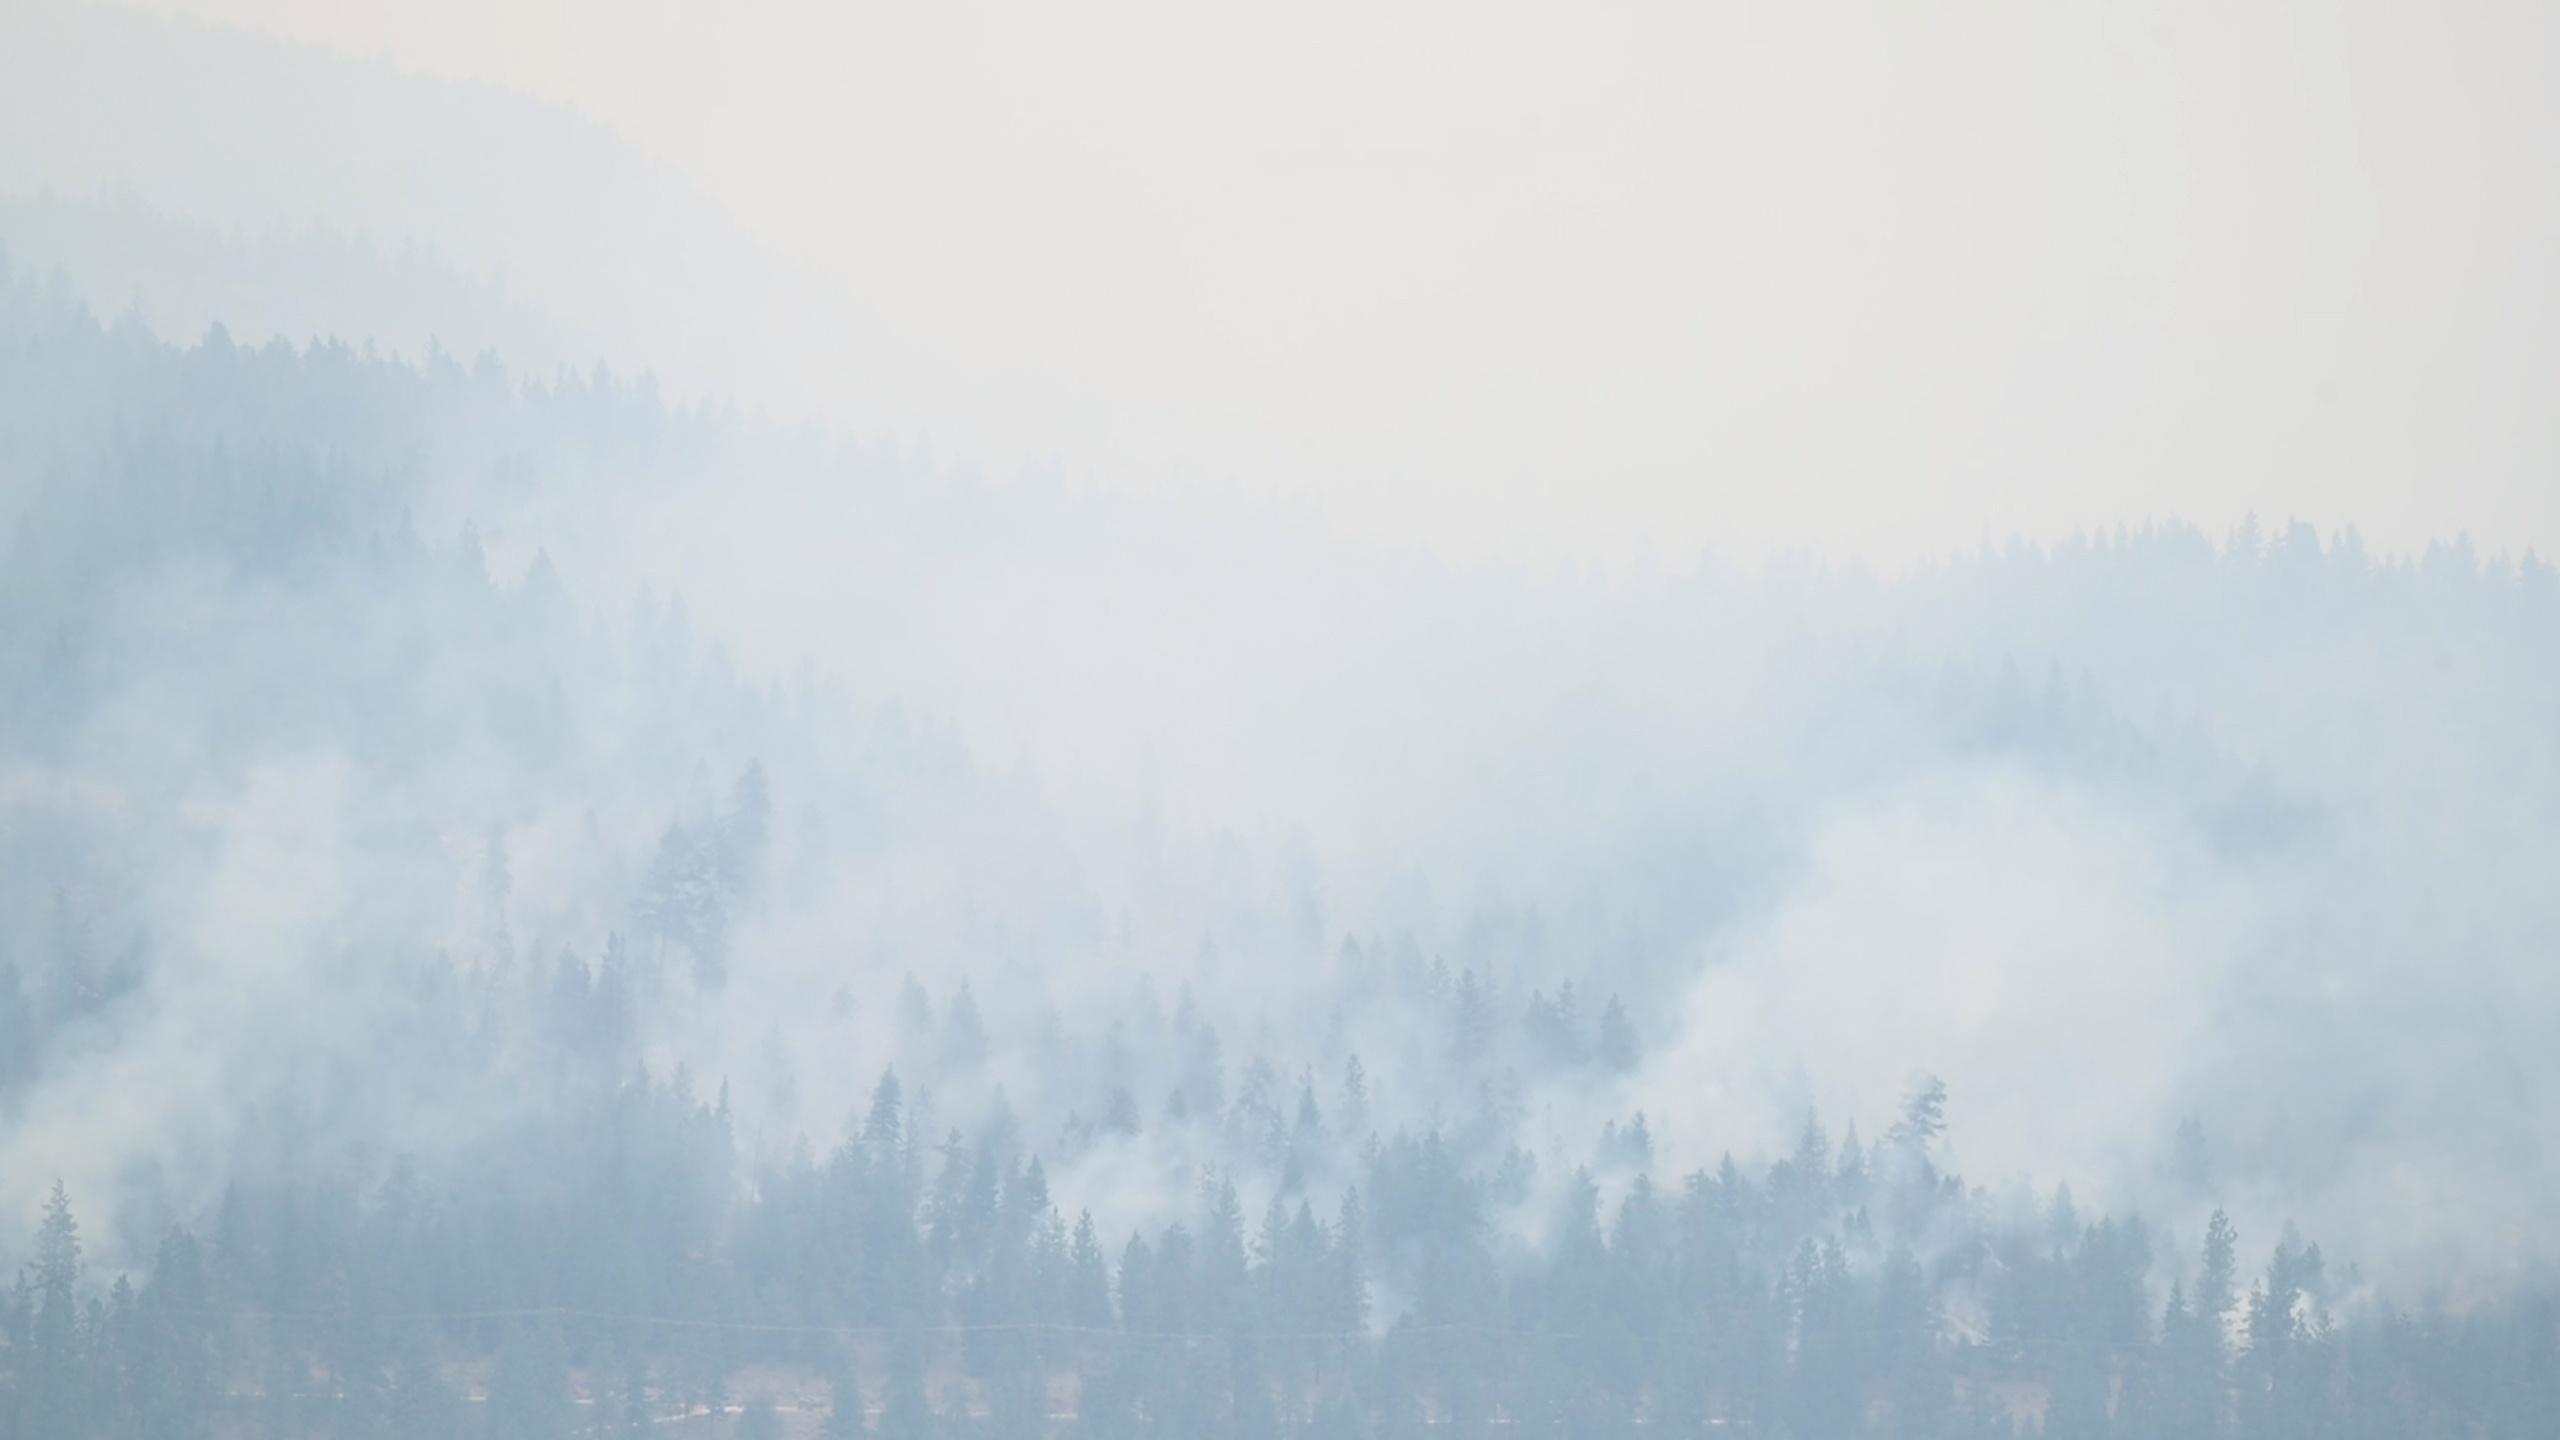 Μεγάλη φωτιά στην Γαλλία: Απομακρύνονται χιλιάδες κάτοικοι και τουρίστες στο Σεν Τροπέ – Στη μάχη 750 πυροσβέστες